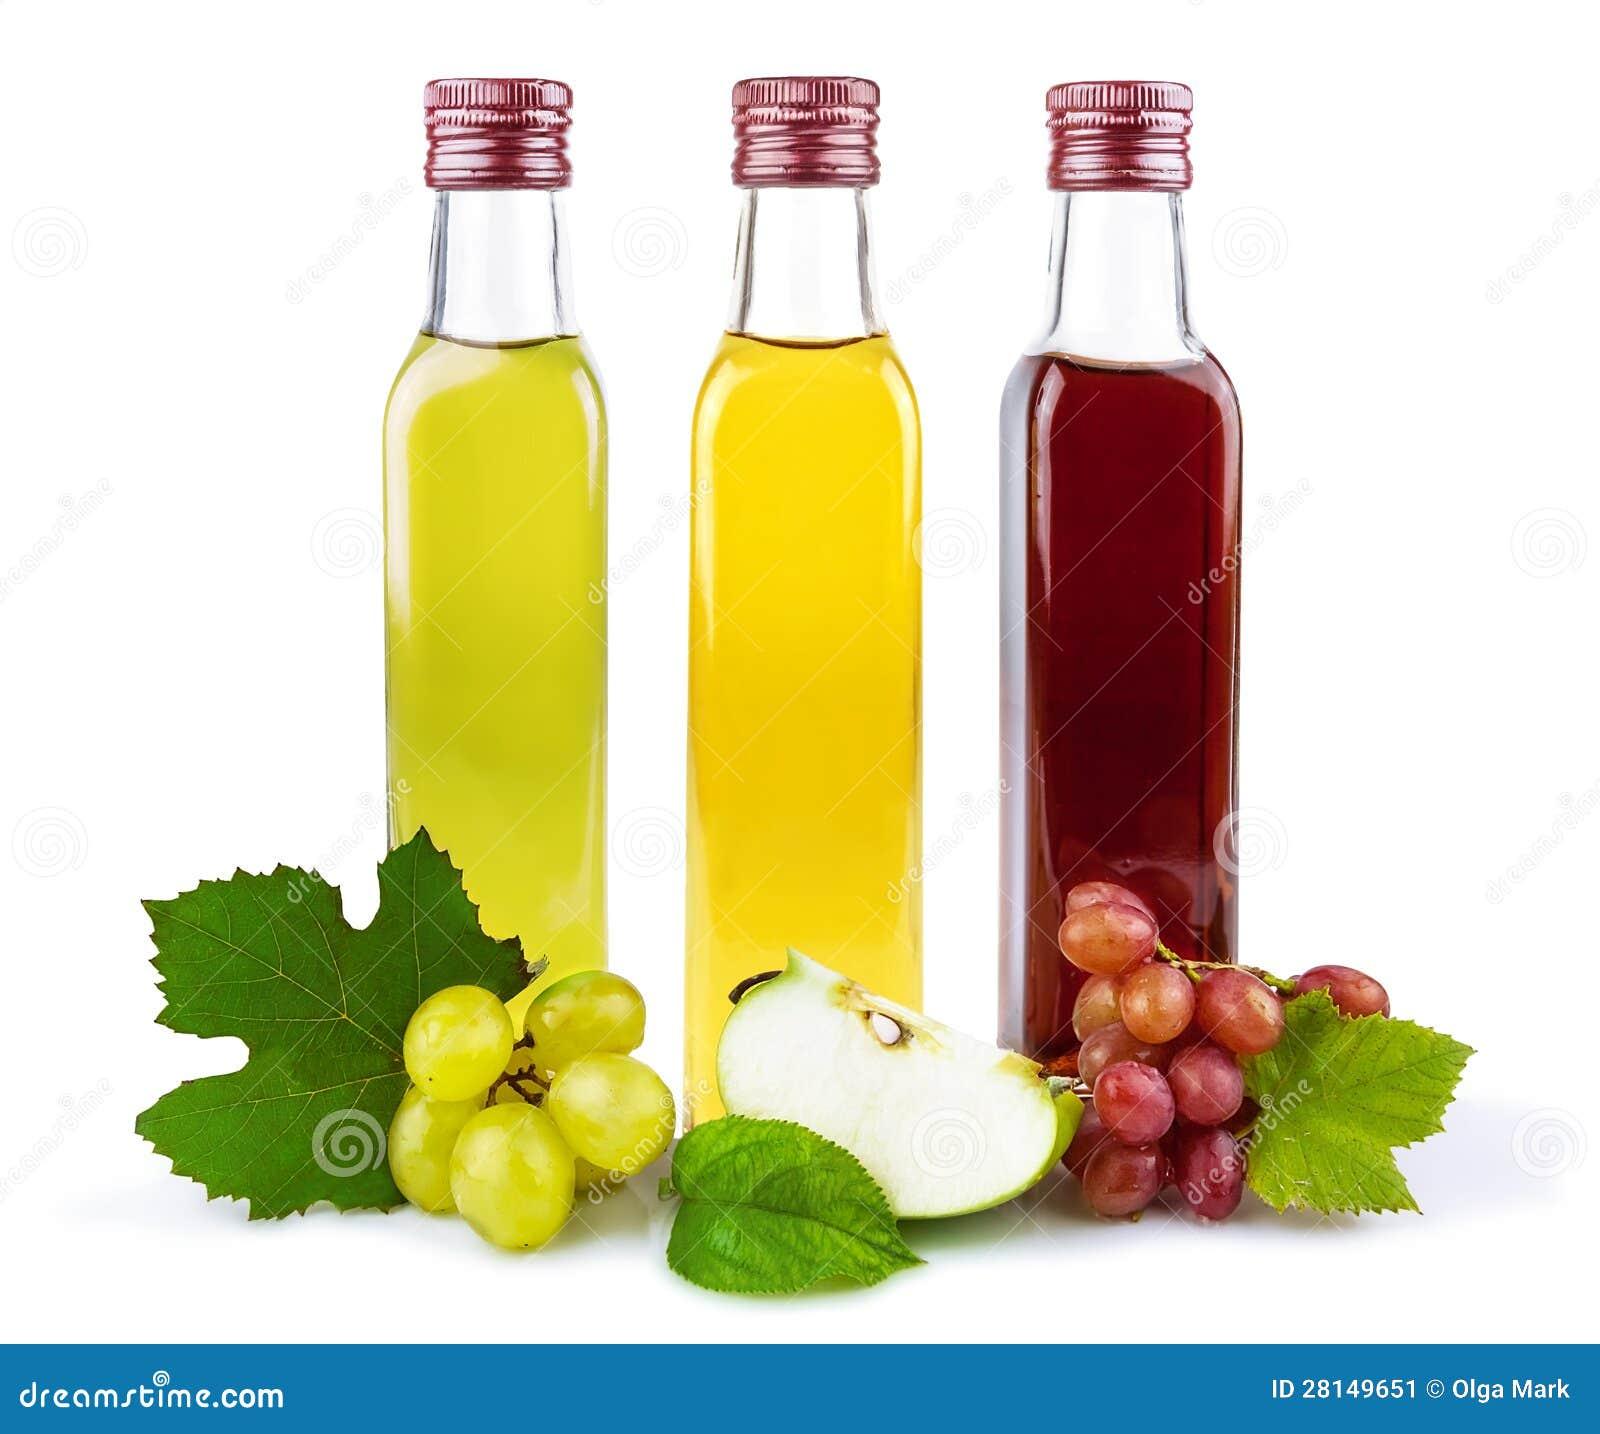 Glass bottles of vinegar